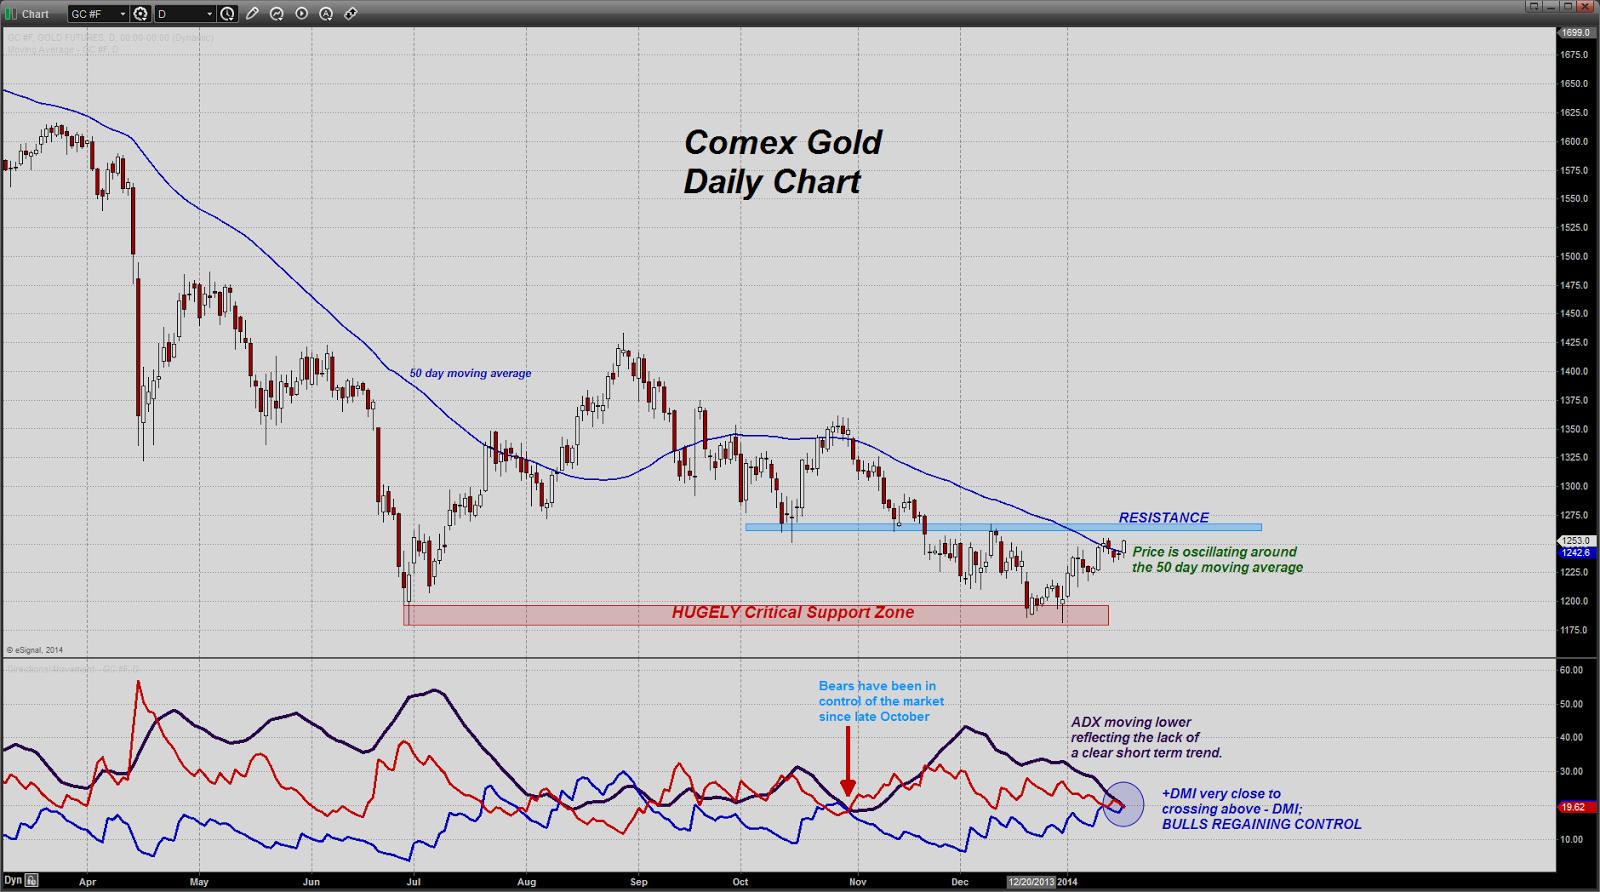 Rush sur l'or physique et livraisons Comex de JP Morgan Chart20140117082727